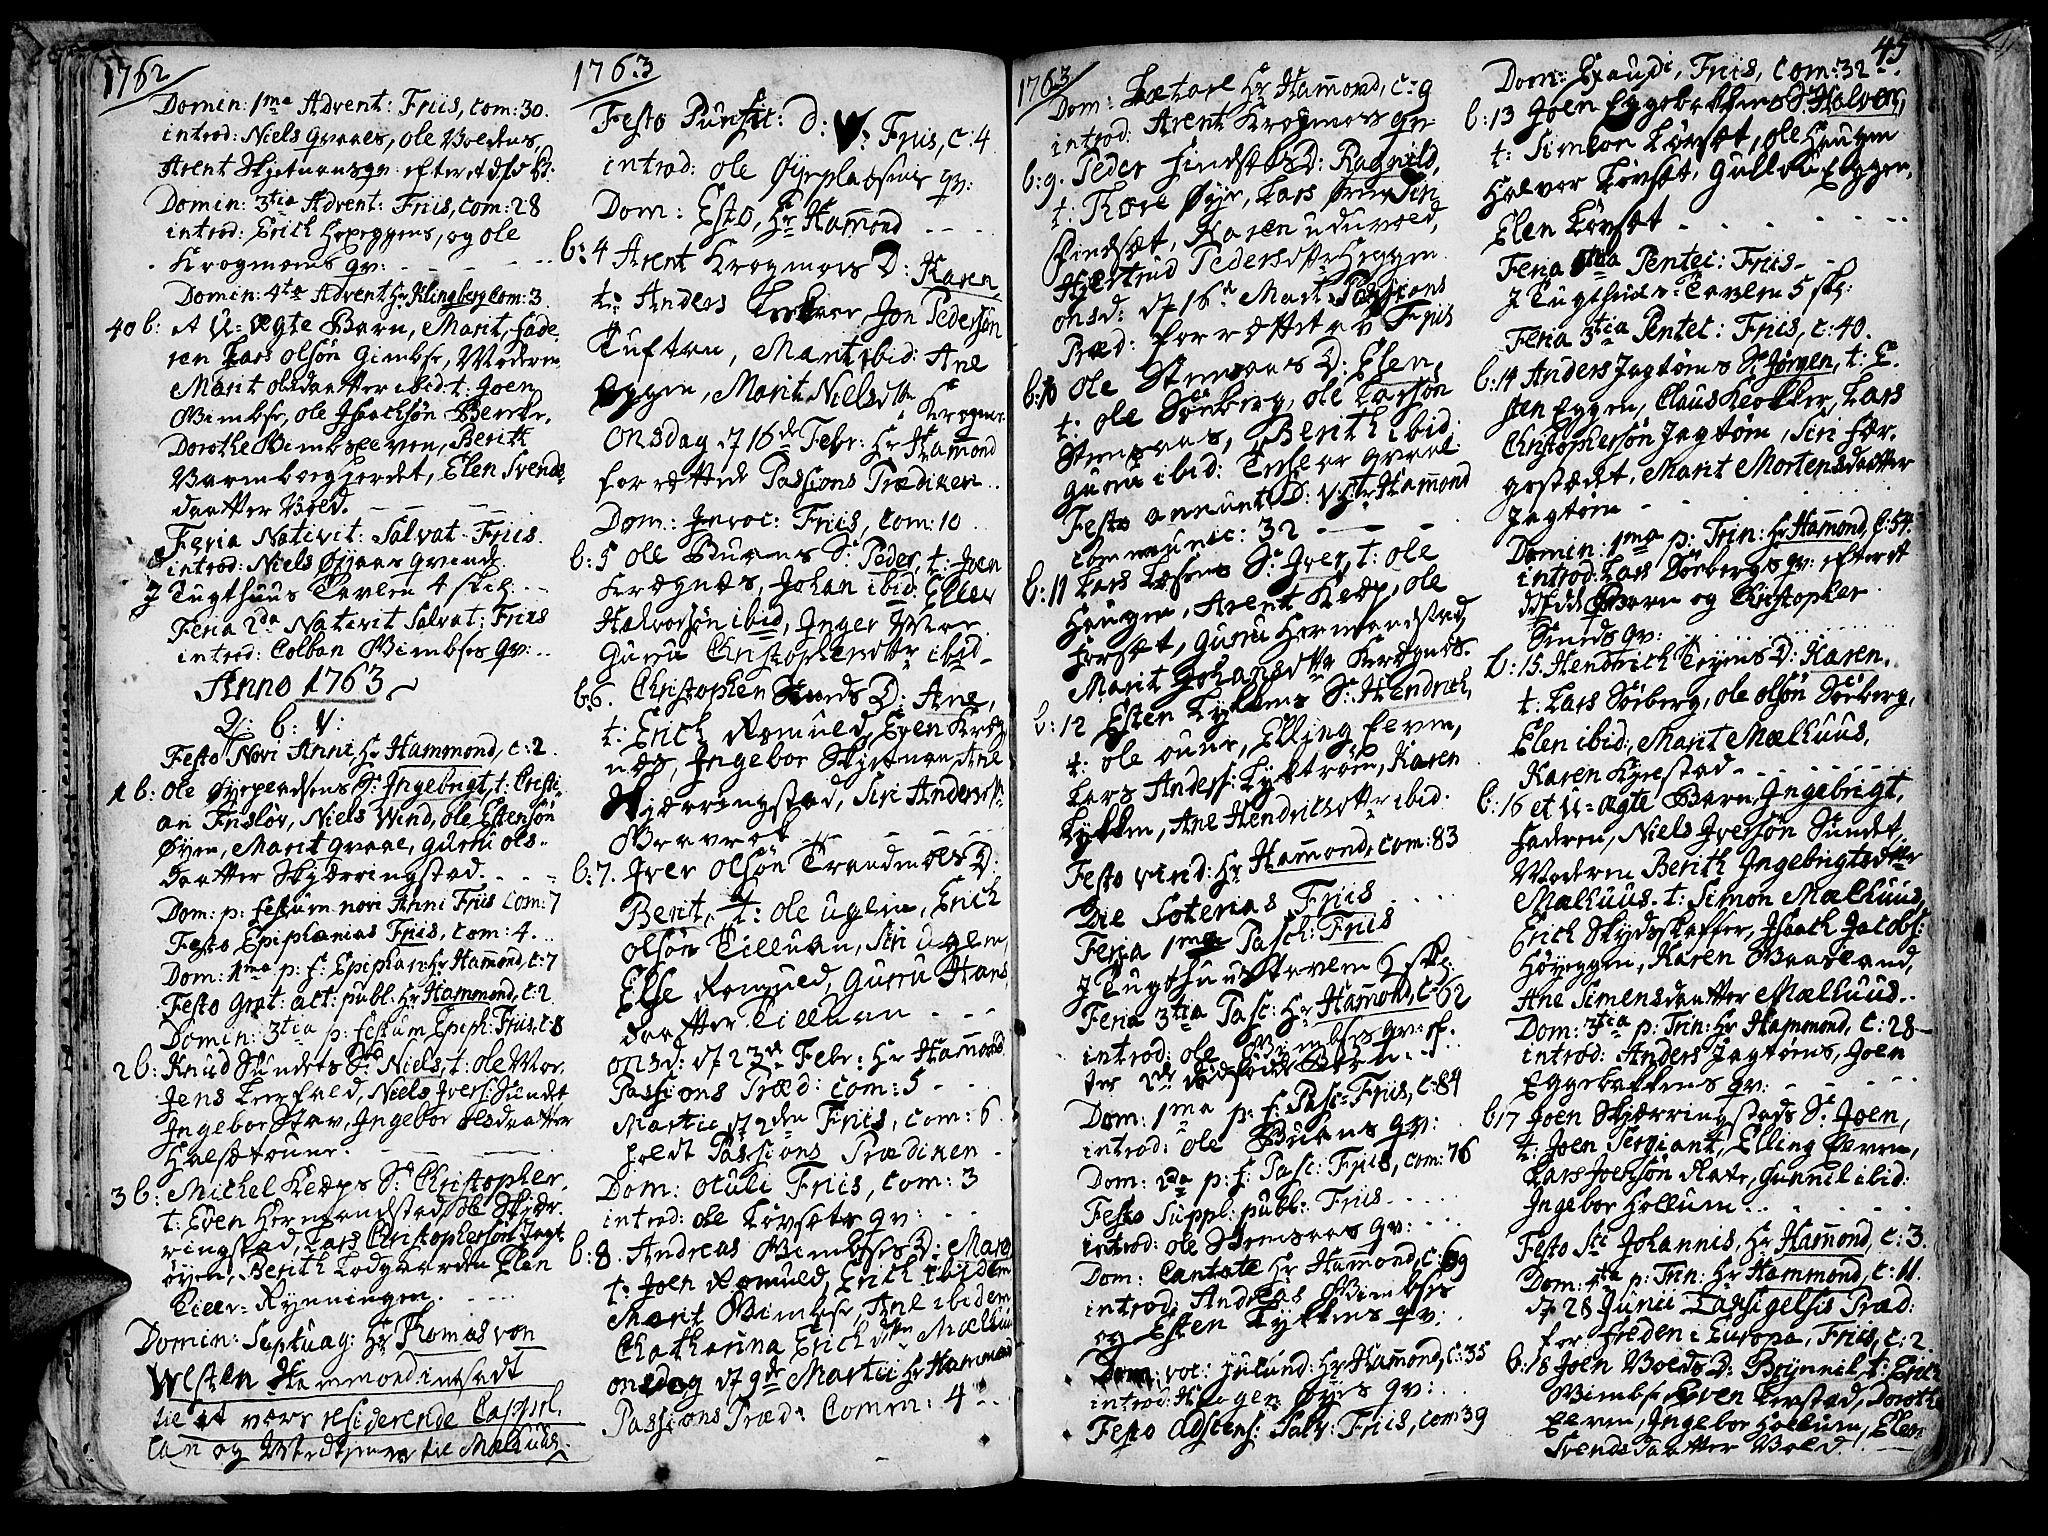 SAT, Ministerialprotokoller, klokkerbøker og fødselsregistre - Sør-Trøndelag, 691/L1057: Ministerialbok nr. 691A01 /1, 1740-1767, s. 45